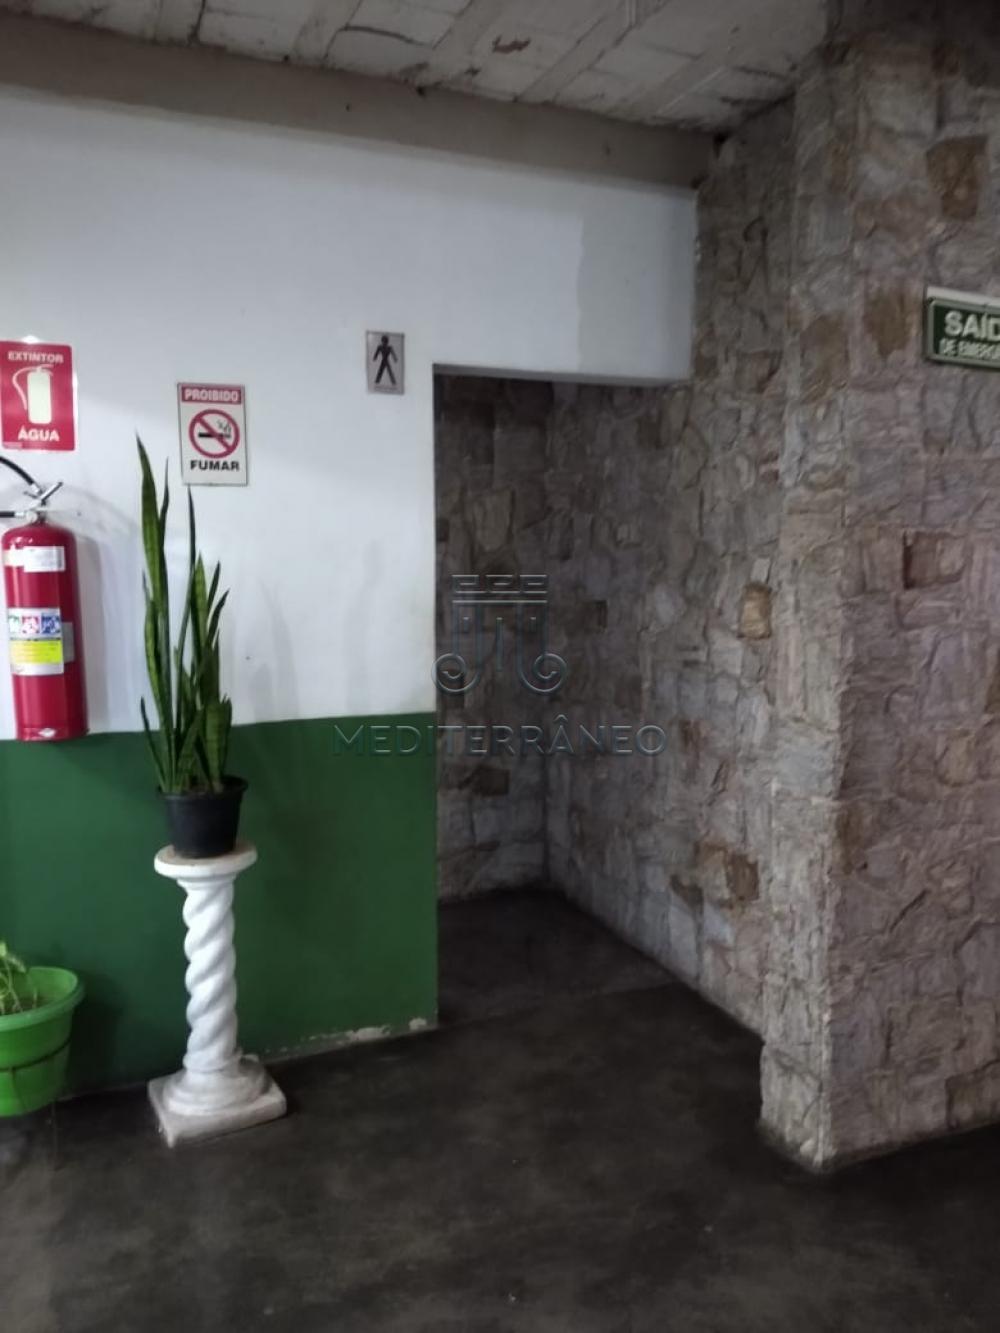 Alugar Comercial / Salão em Jundiaí apenas R$ 5.000,00 - Foto 11